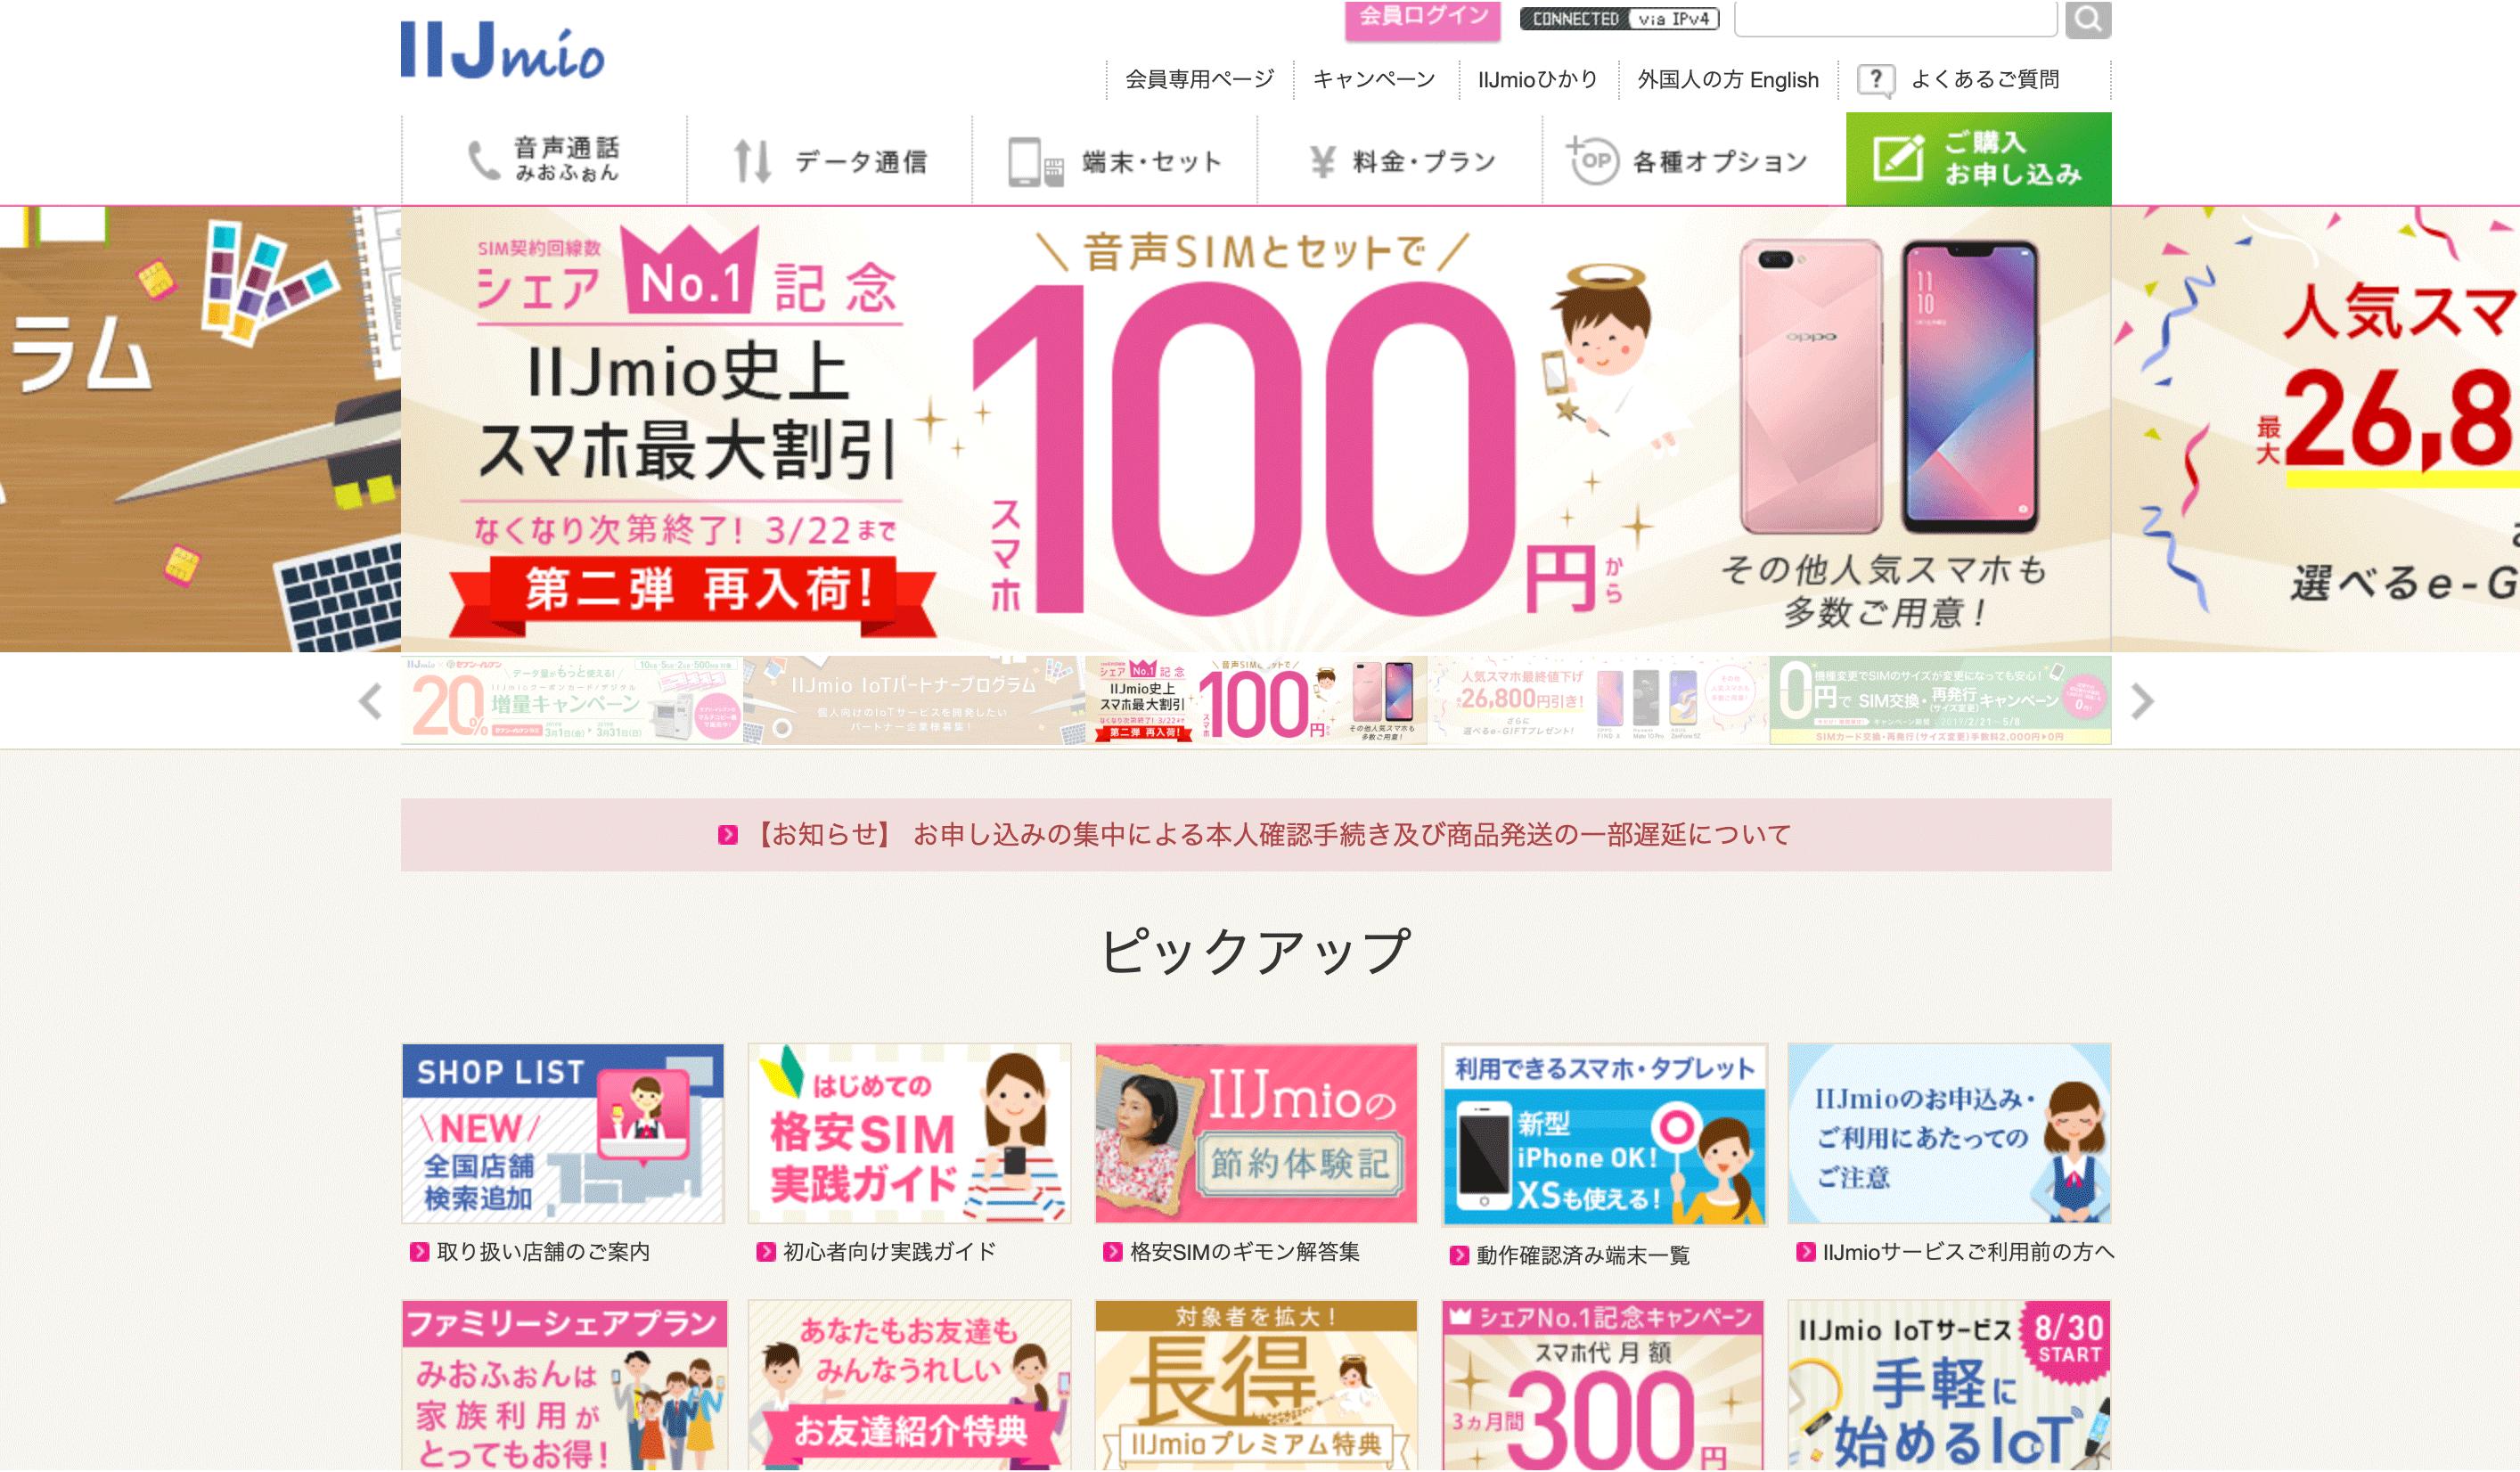 【IIJmio】高品質な格安SIM・格安スマホ提供!!